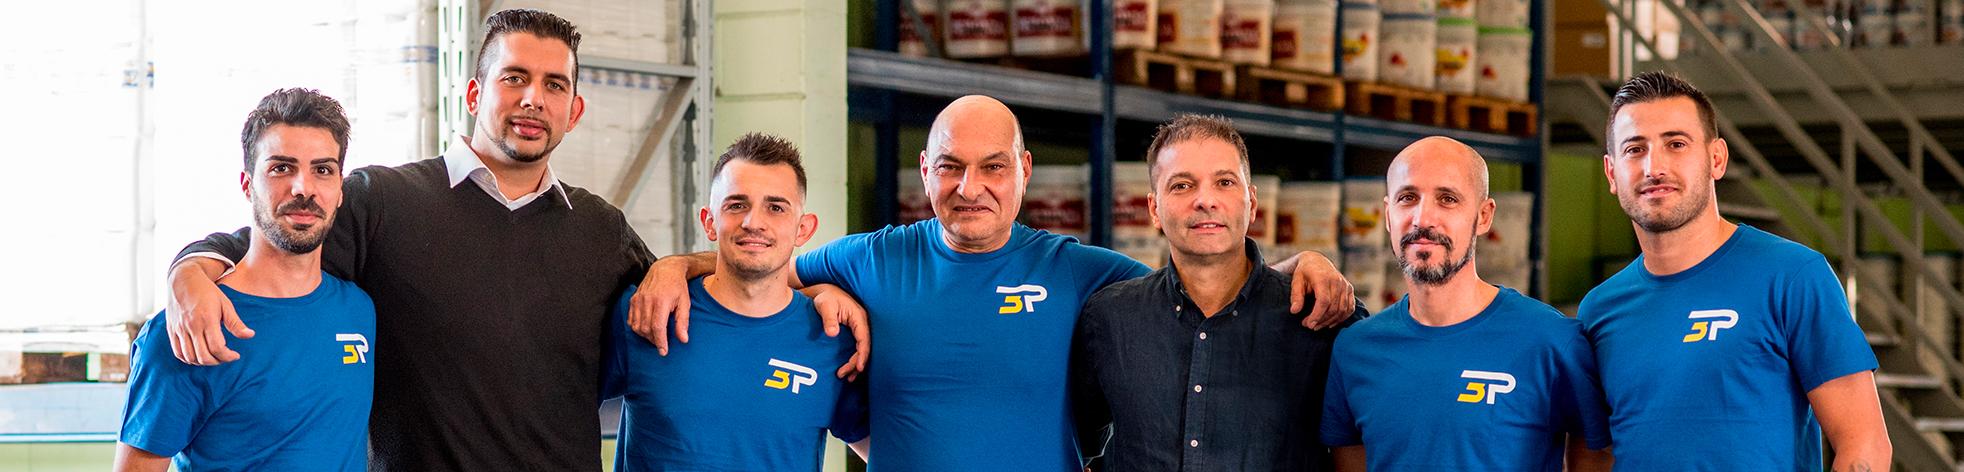 pitture professionali 3p fiano romano team